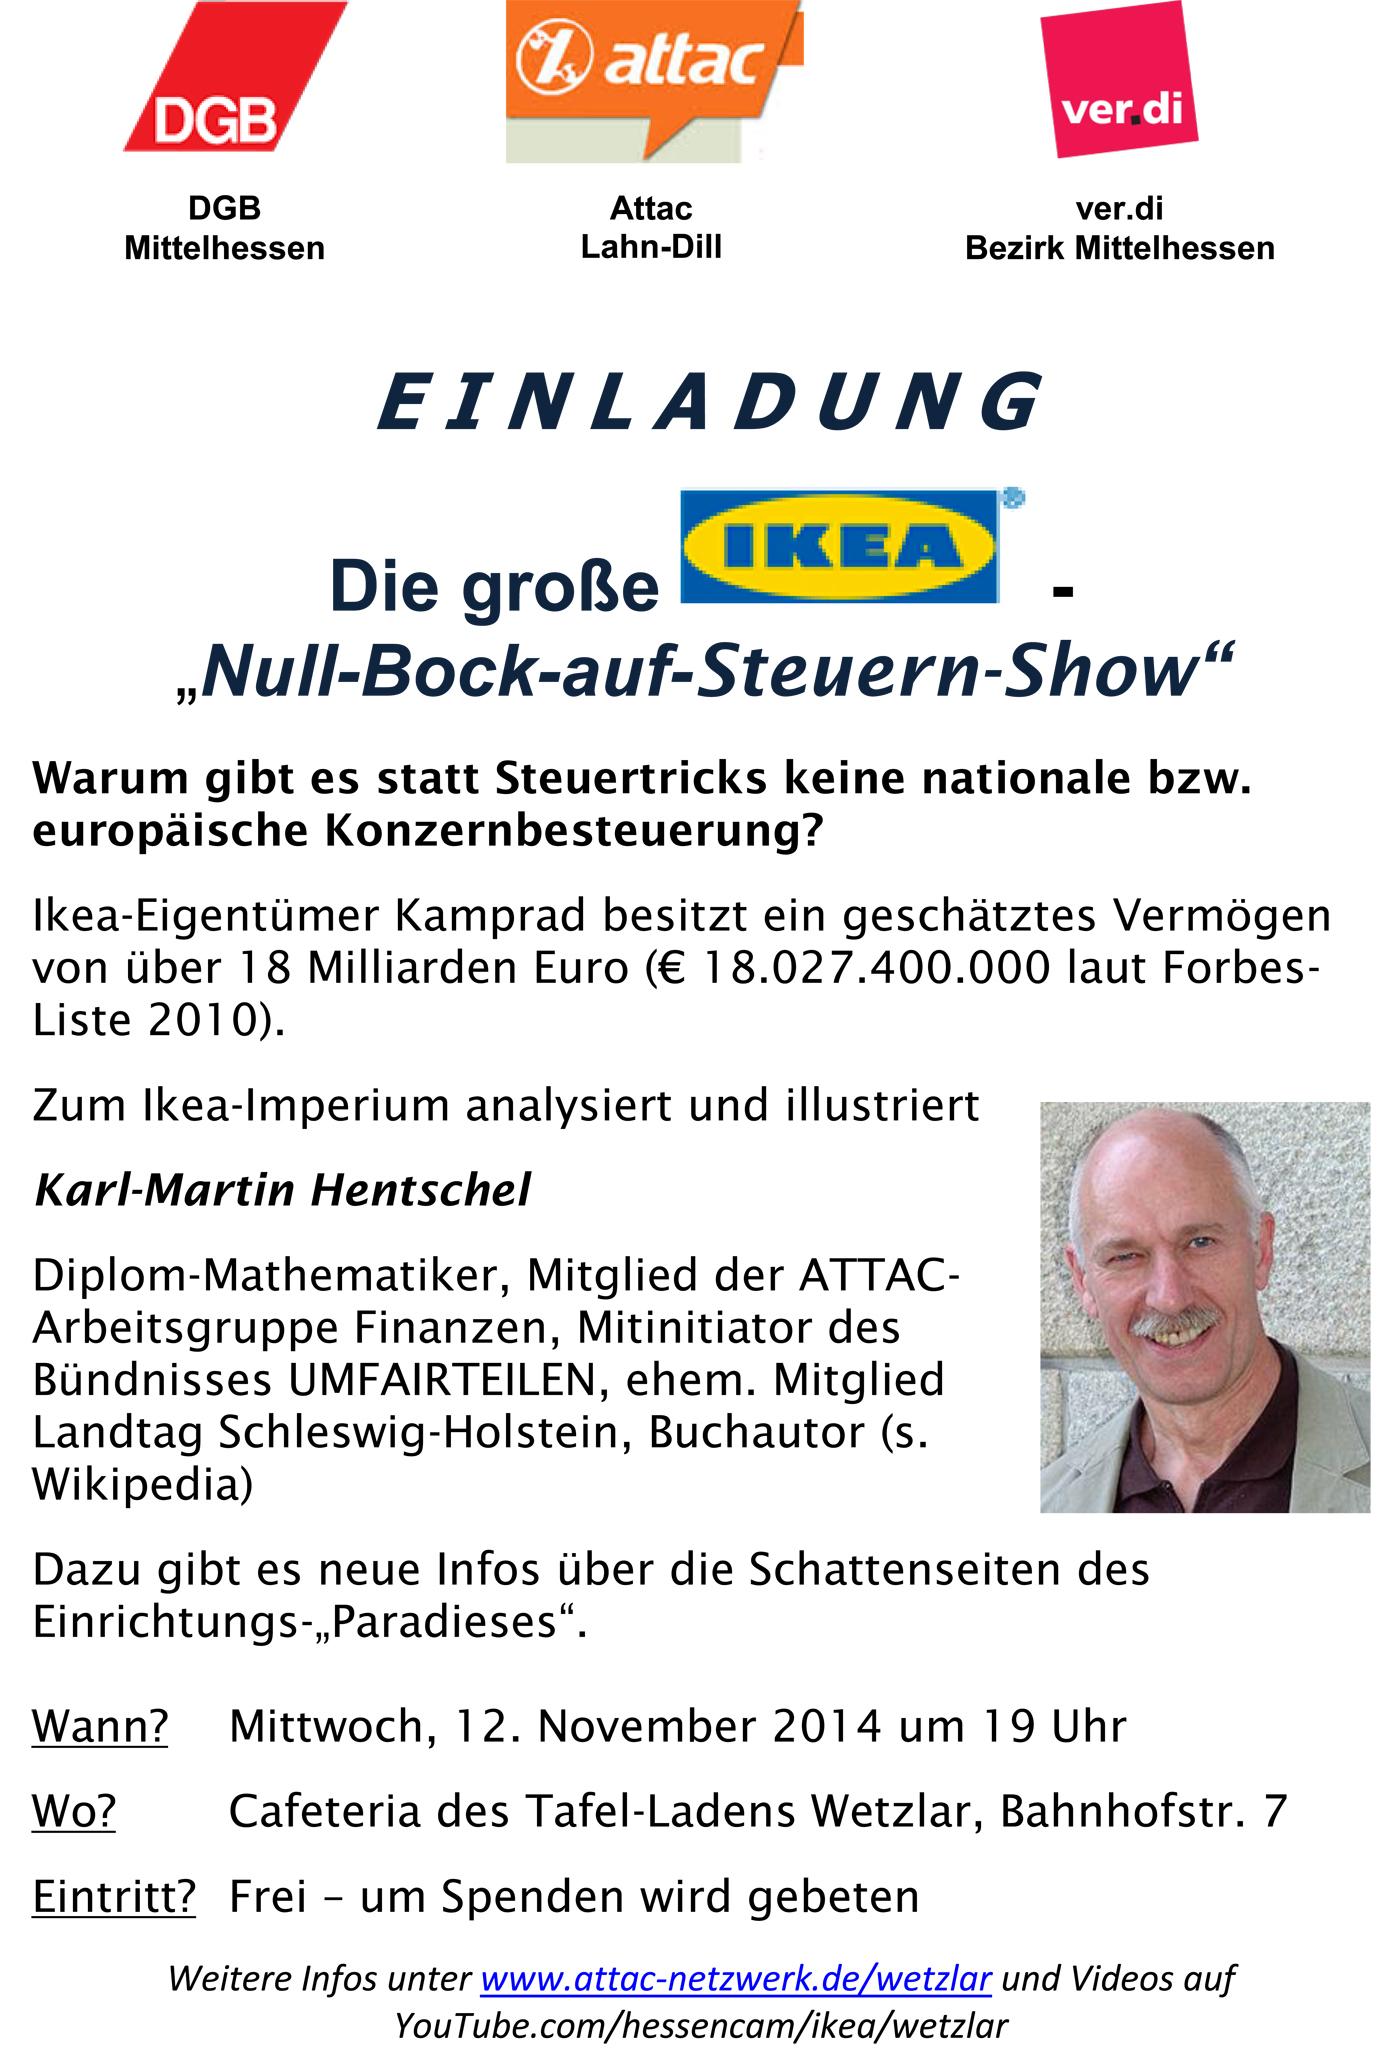 Attac Lahn-Dill, DGB und Verdi-Bezirk Mittelhessen - Logos